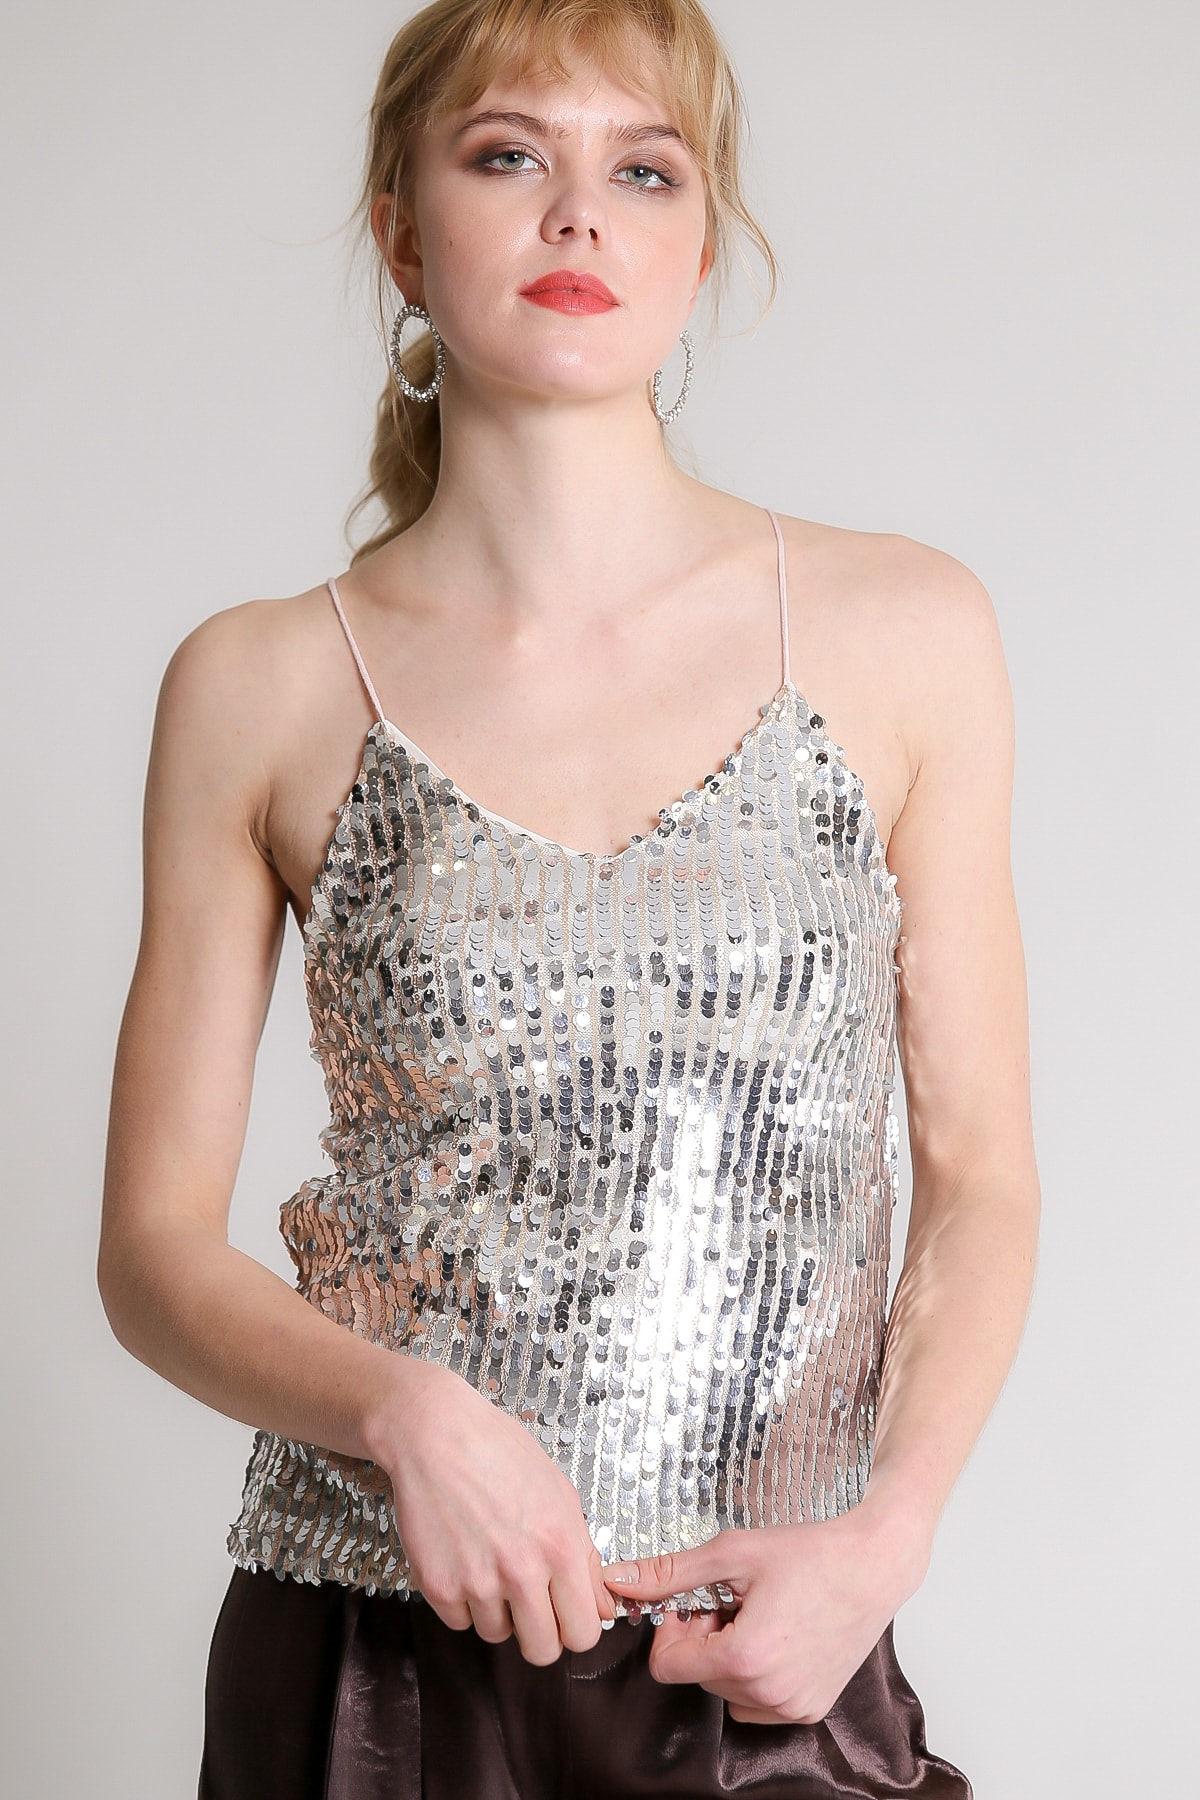 Chiccy Kadın Gümüş Retro Askılı Balık Pul Payetli Bluz M10010200BL96731 2